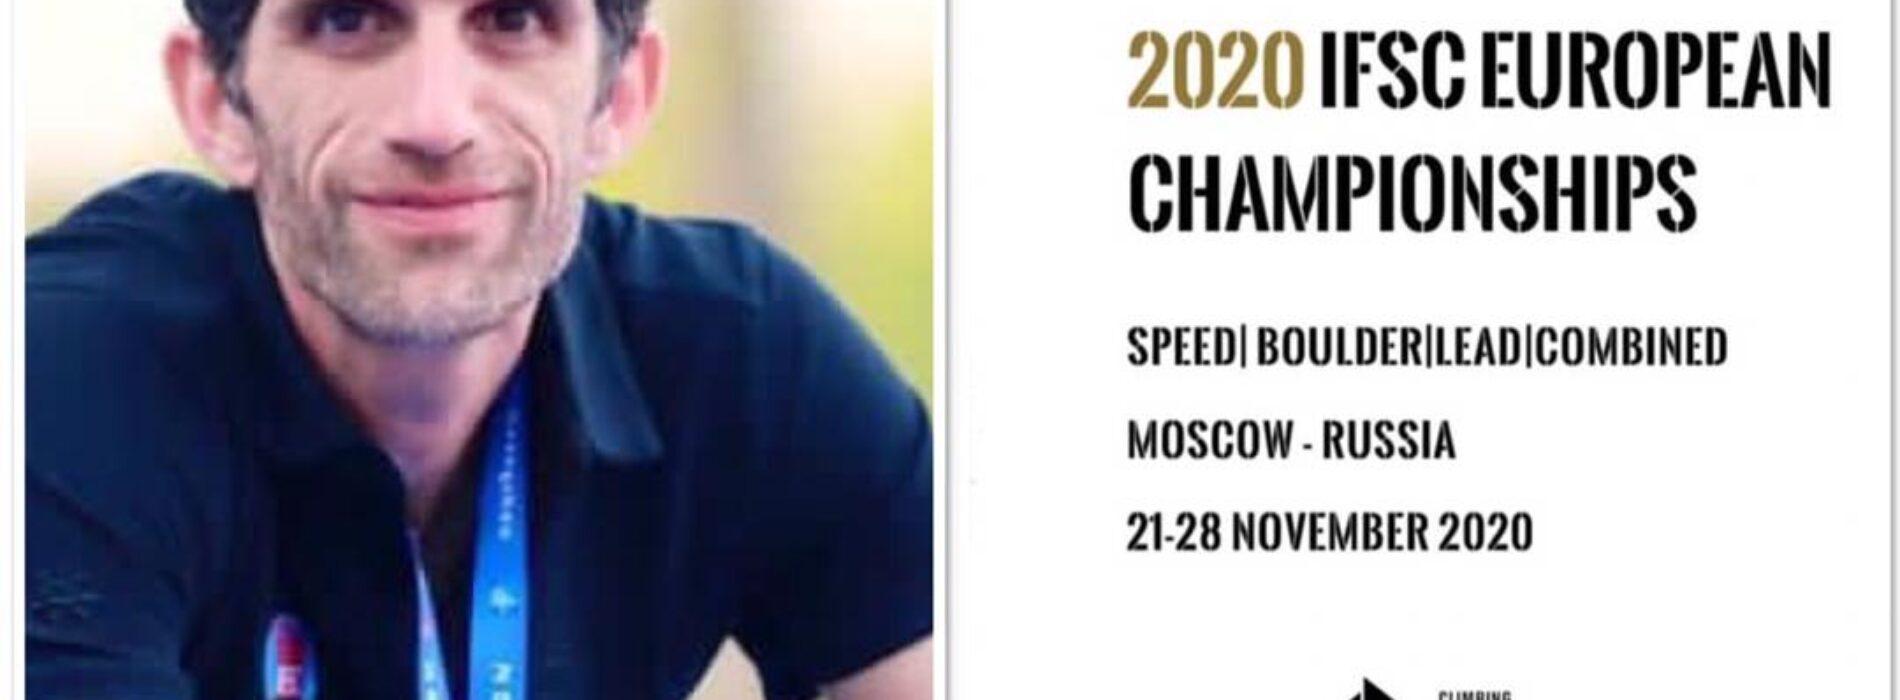 انتخاب یک طراح ایرانی برای مسابقات سنگنوردی انتخابی المپیک در «اروپا»